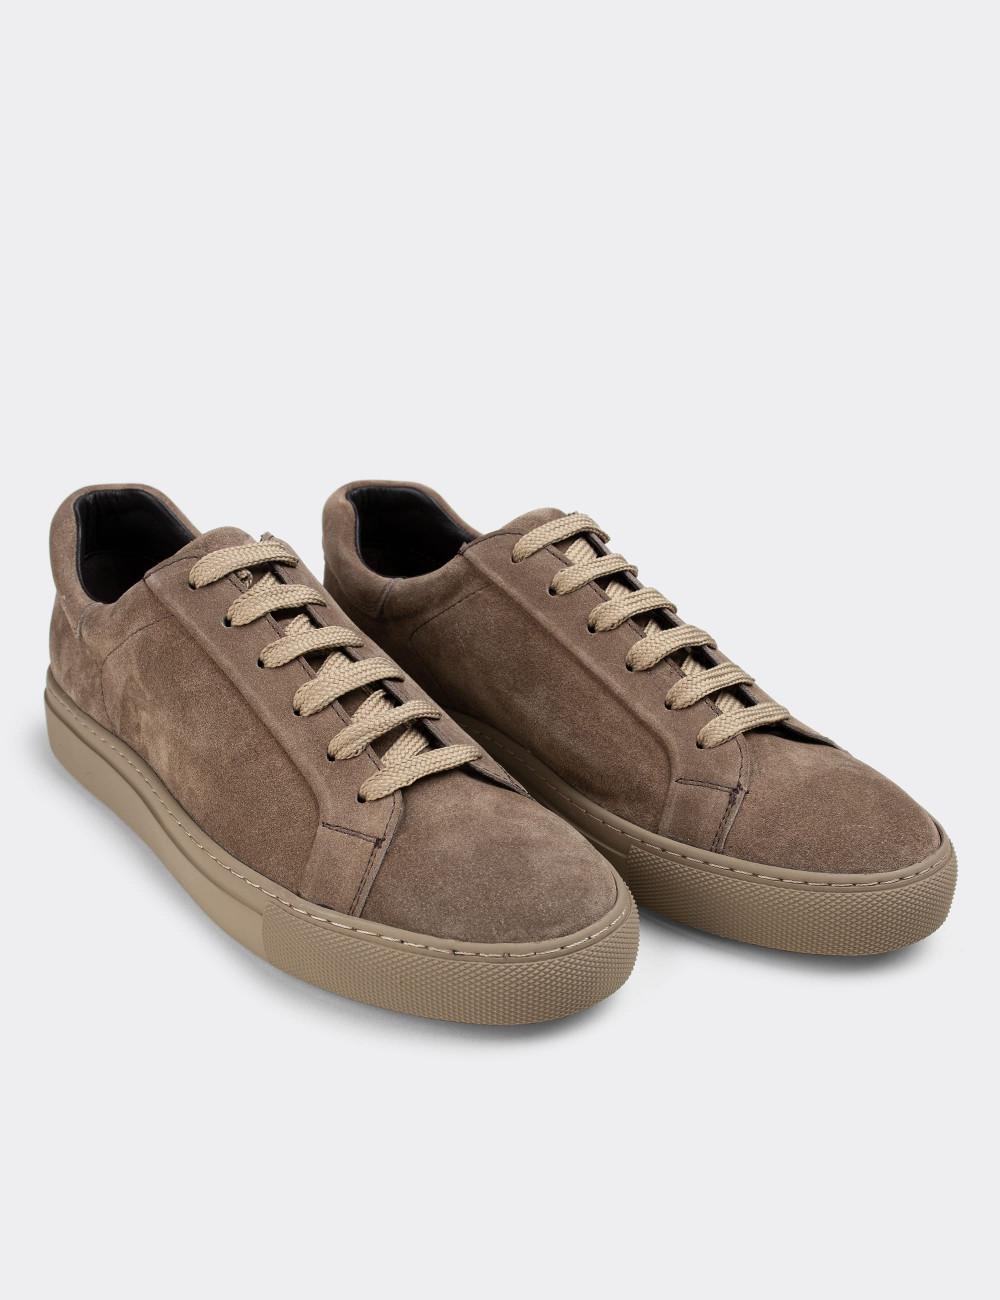 Hakiki Süet Vizon Rengi Sneaker Erkek Ayakkabı - 01829MVZNC01